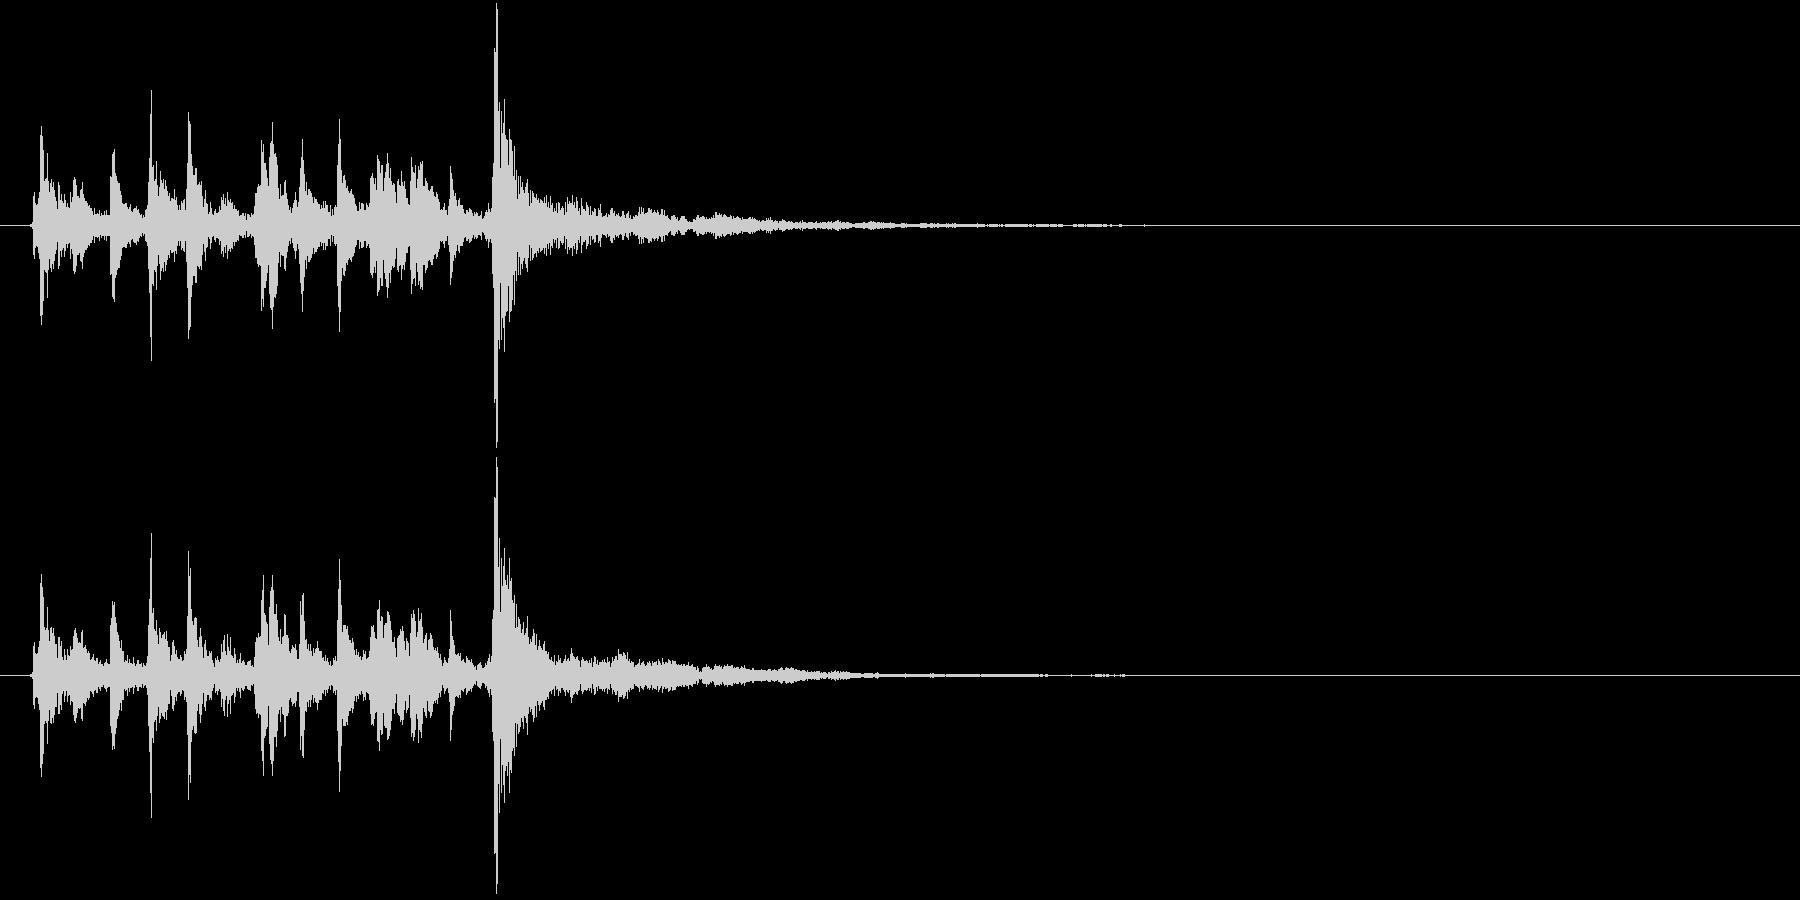 生演奏:心に響く少し切ない弦楽ピチカートの未再生の波形